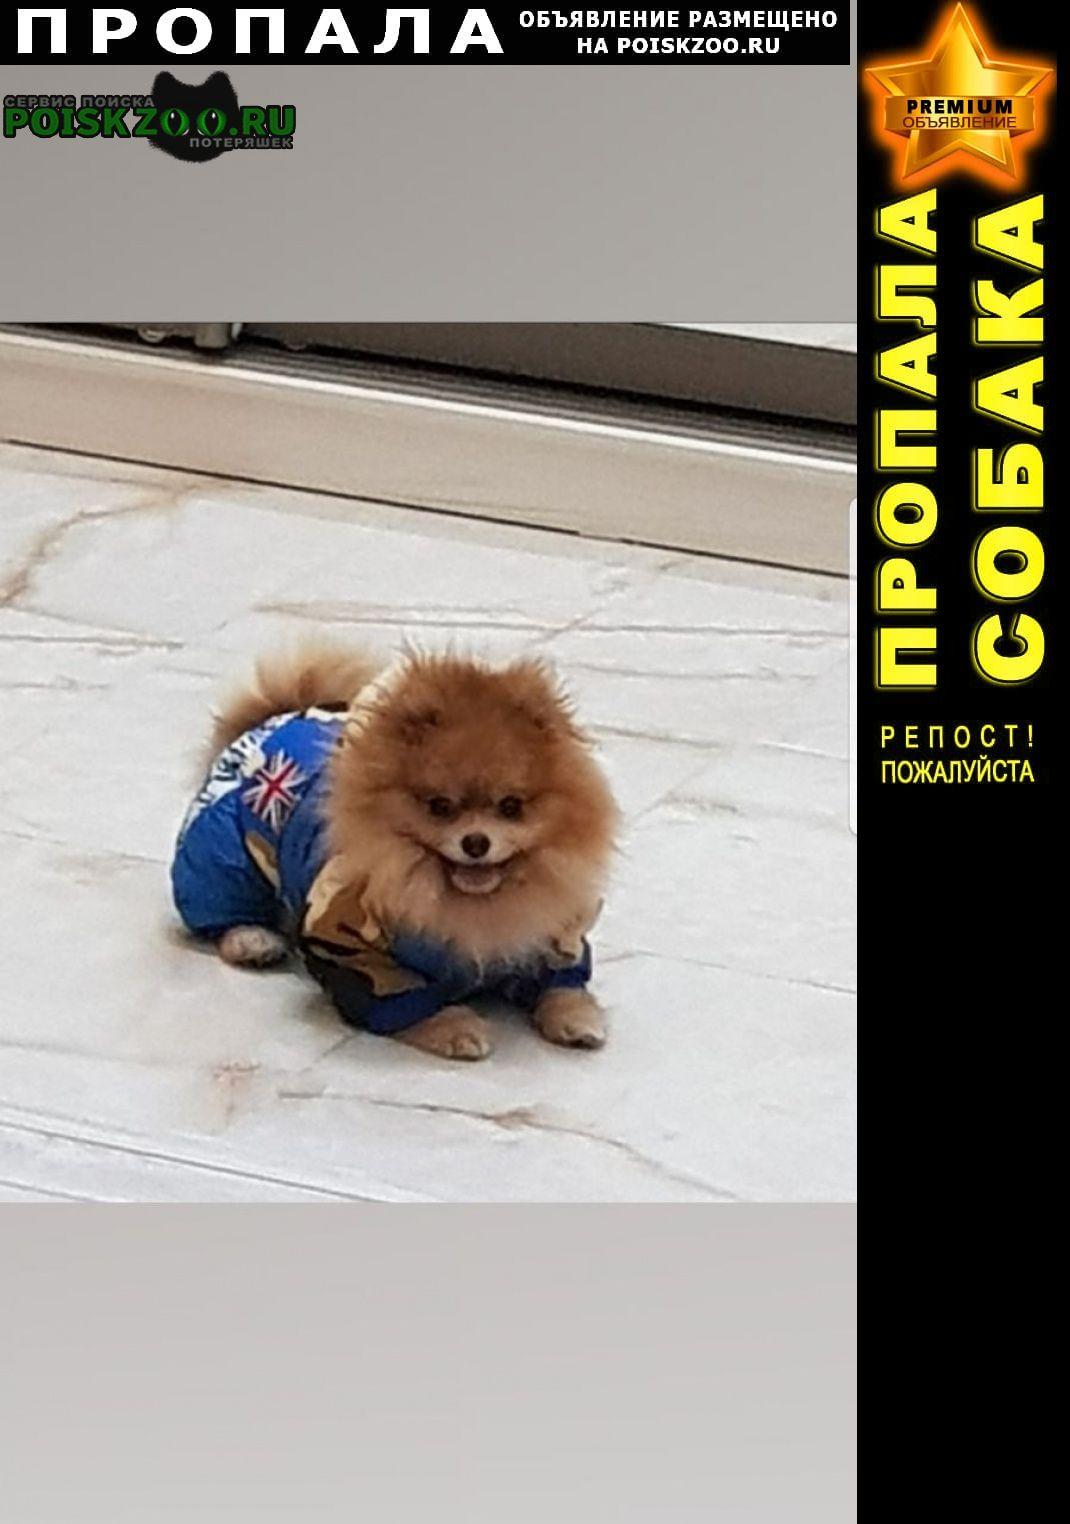 Пропала собака шпиц Нижний Новгород